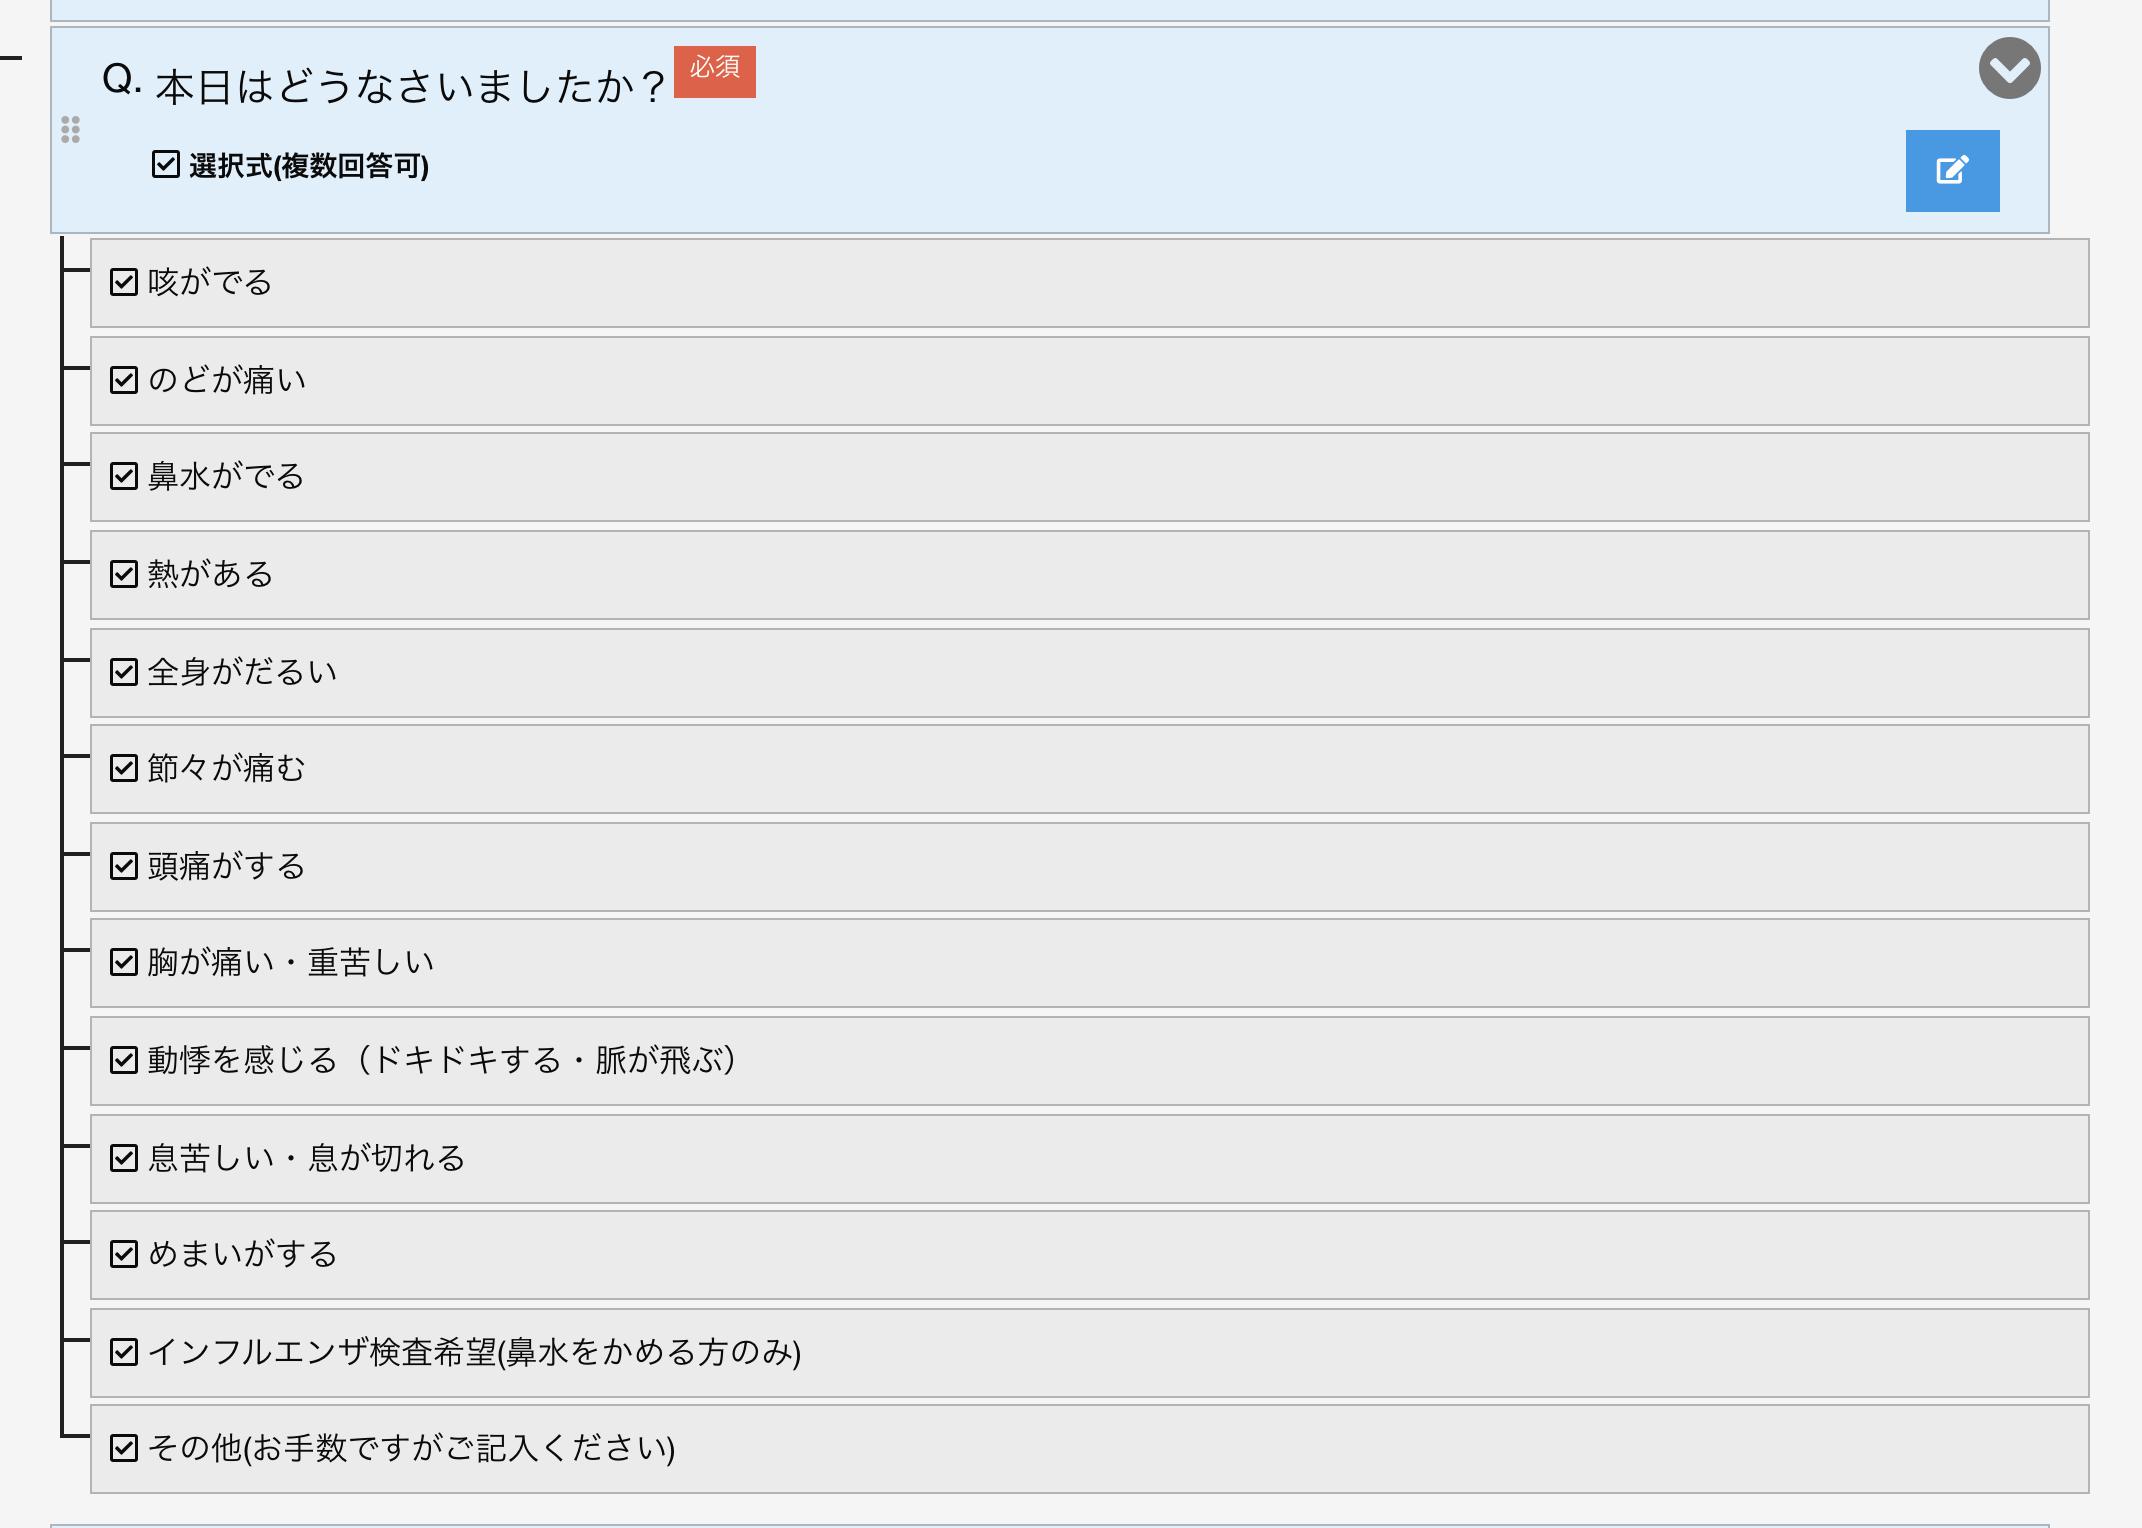 kinshicho-heart-monshin-4